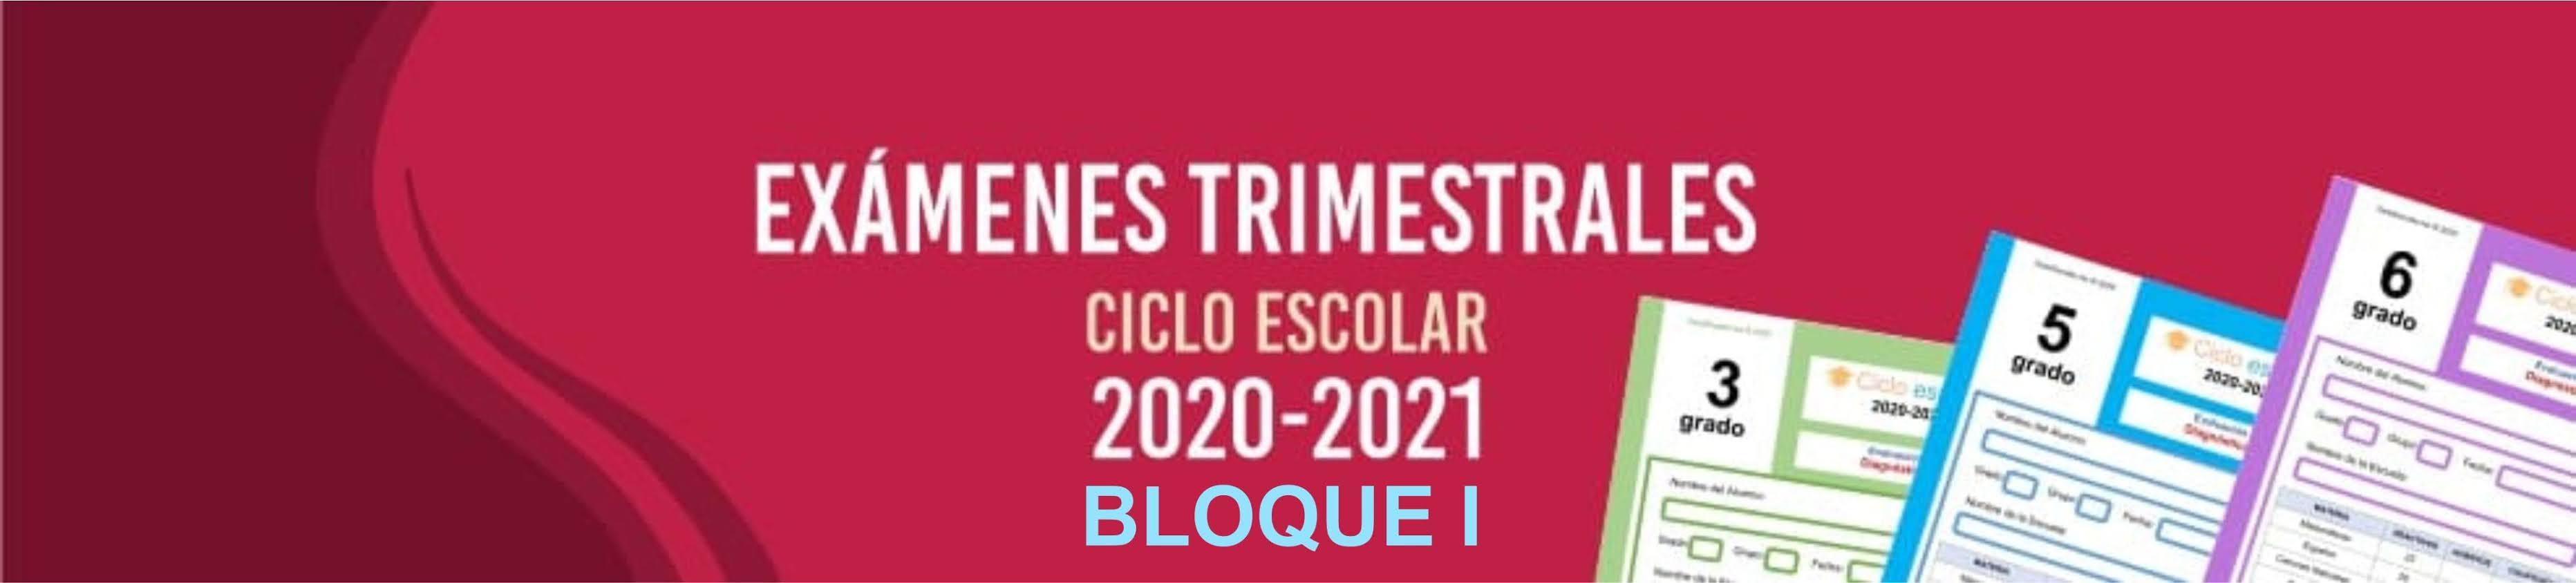 Exámenes Trimestrales Bloque 1 Primaria Ciclo Escolar 2020-2021